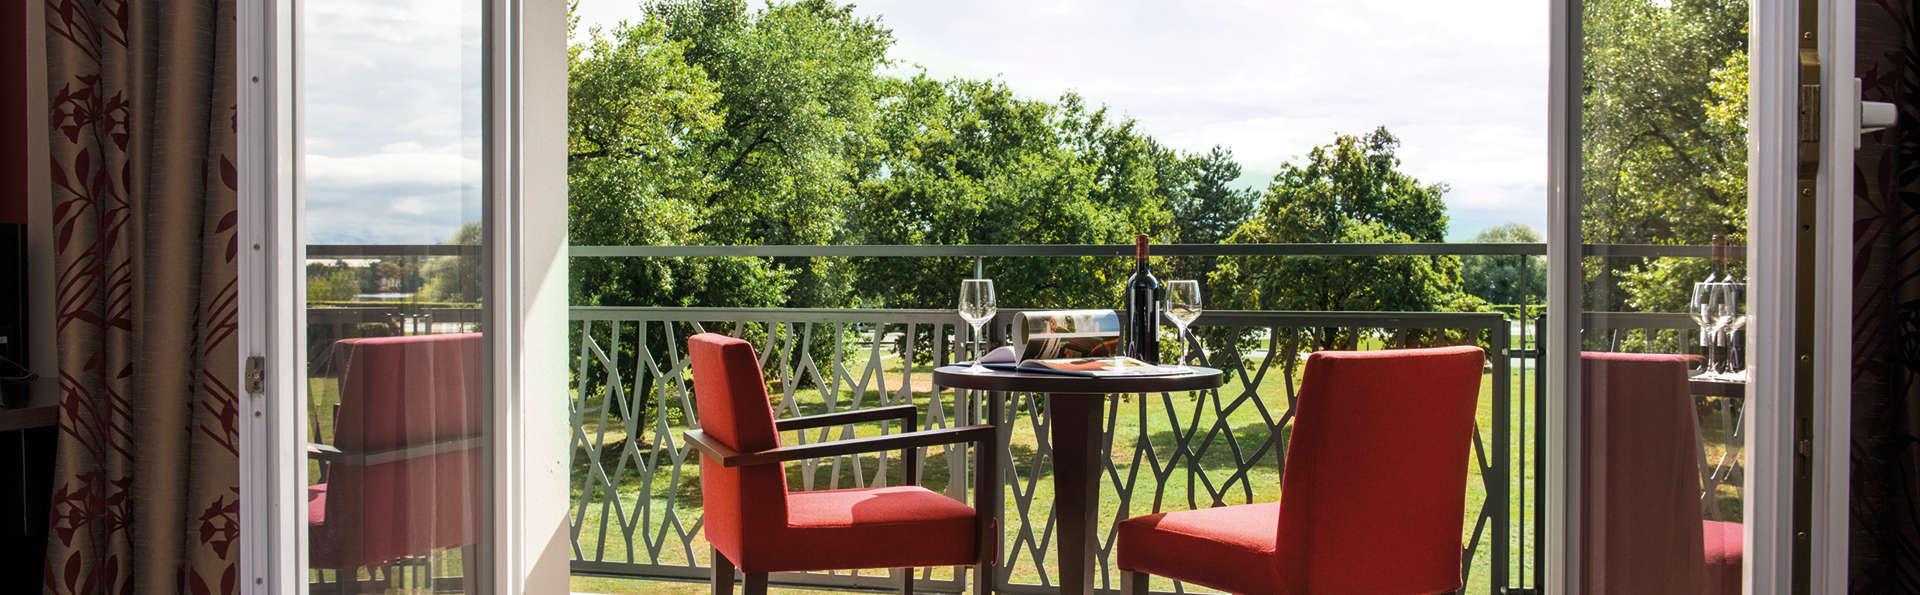 Hôtel Vacances Bleues - La Villa du Lac et Spa - EDIT_NEW_Terrace.jpg